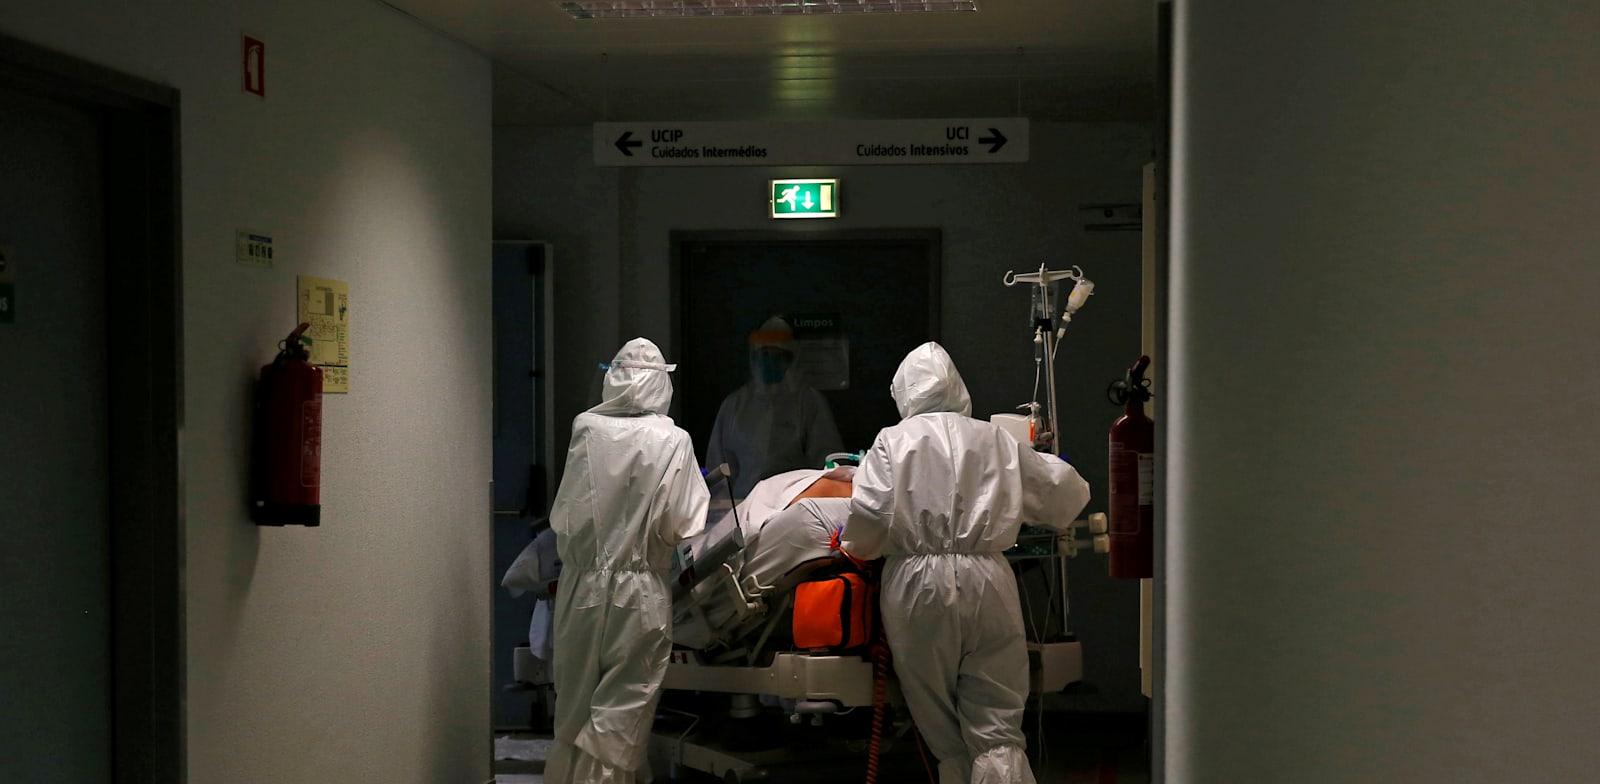 חולה מובהל למחלקת הקורונה בבית חולים בפורטוגל / צילום: פדרו נונס